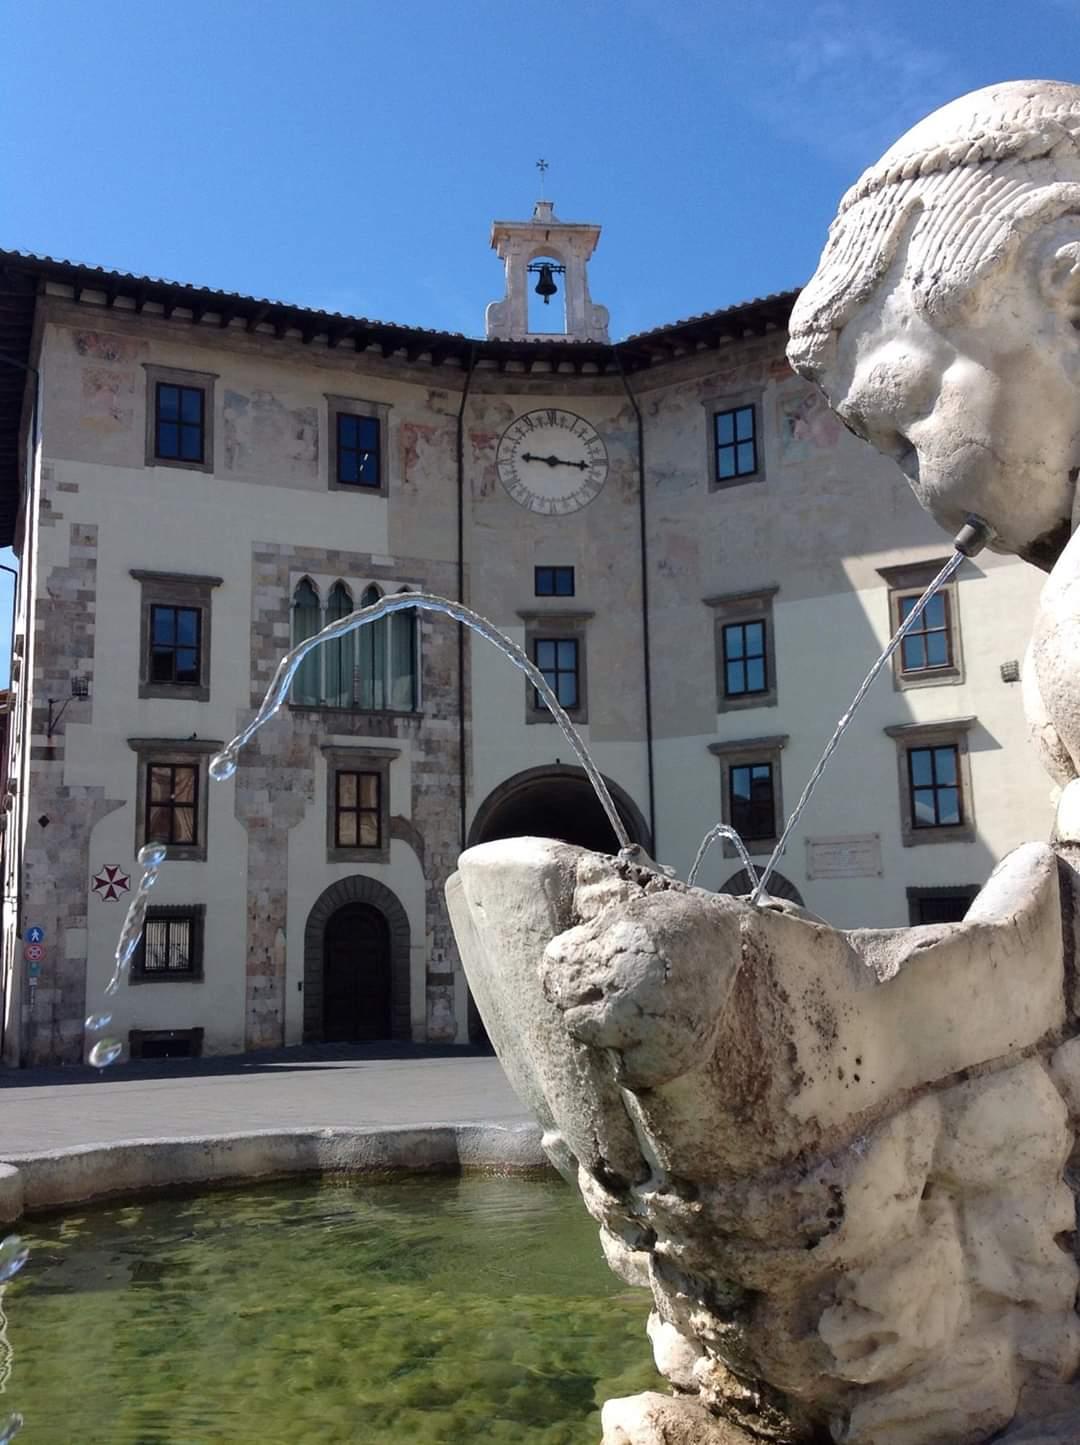 Dettagli di Piazza dei Cavalieri a Pisa. Foto di Francesca Cinus - Rivelatrice di Comunità